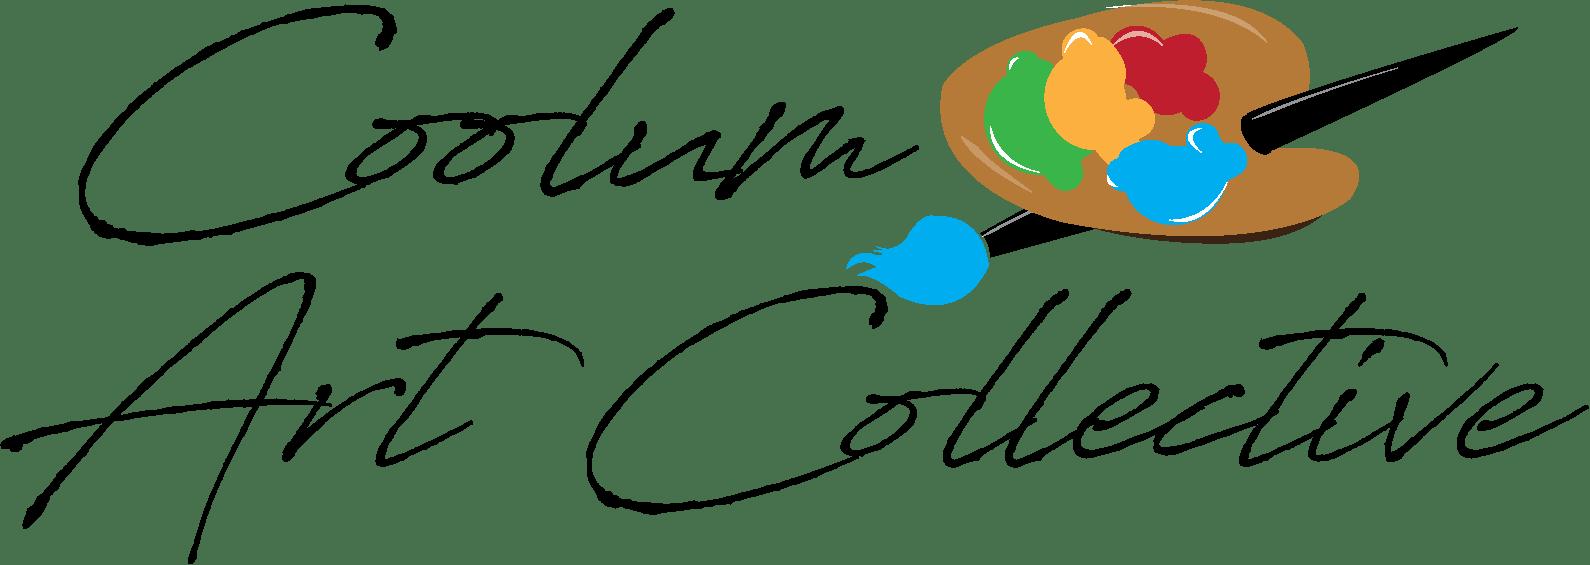 Coolum Art Group